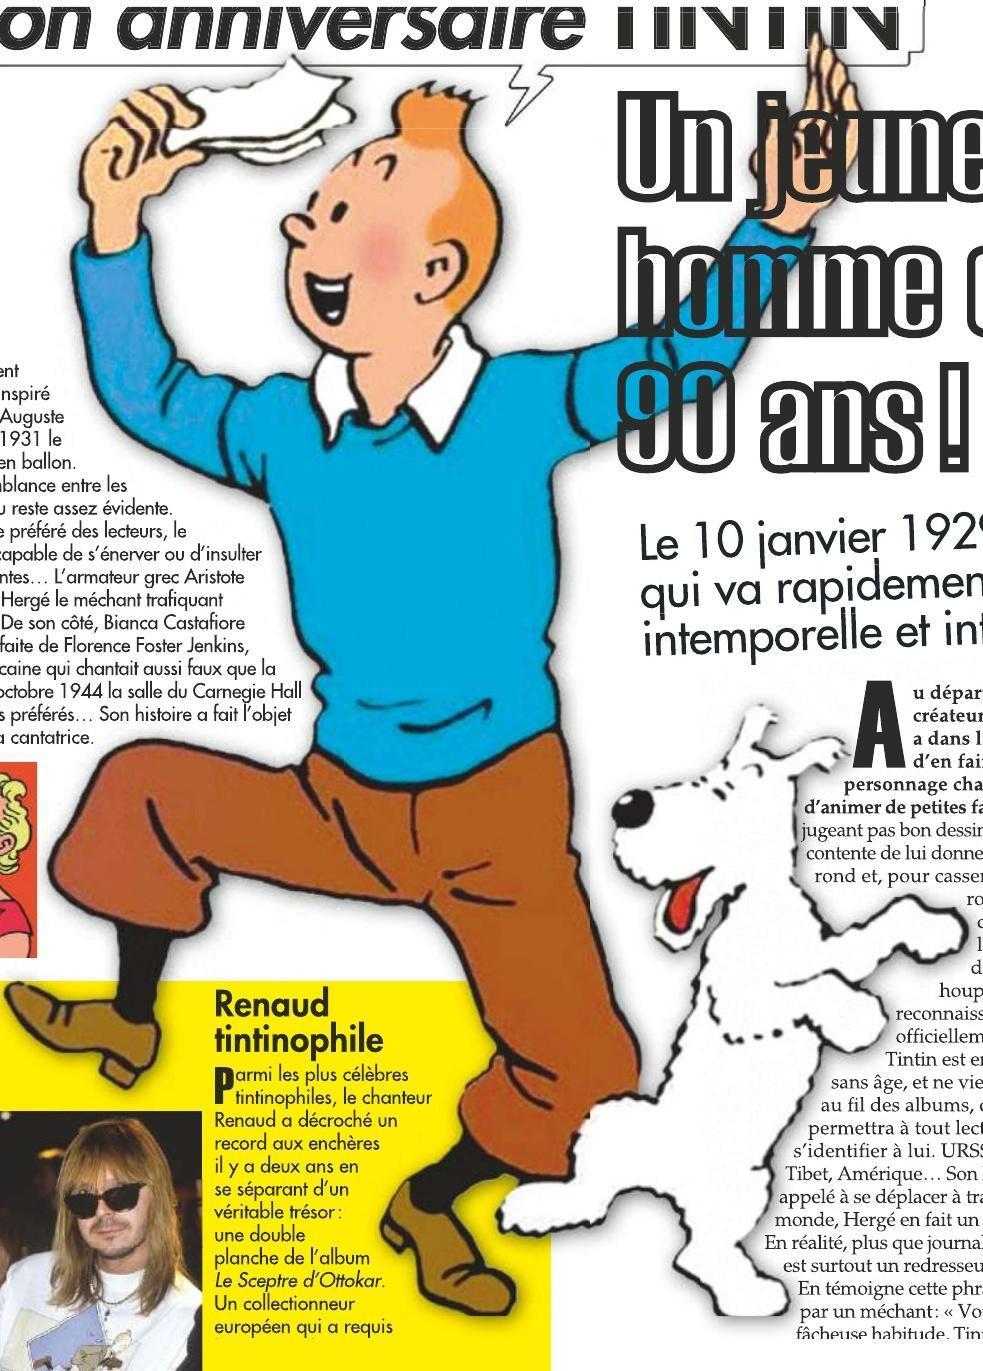 Bon Anniversaire Tintin Un Jeune Homme De 90 Ans Sfr Presse